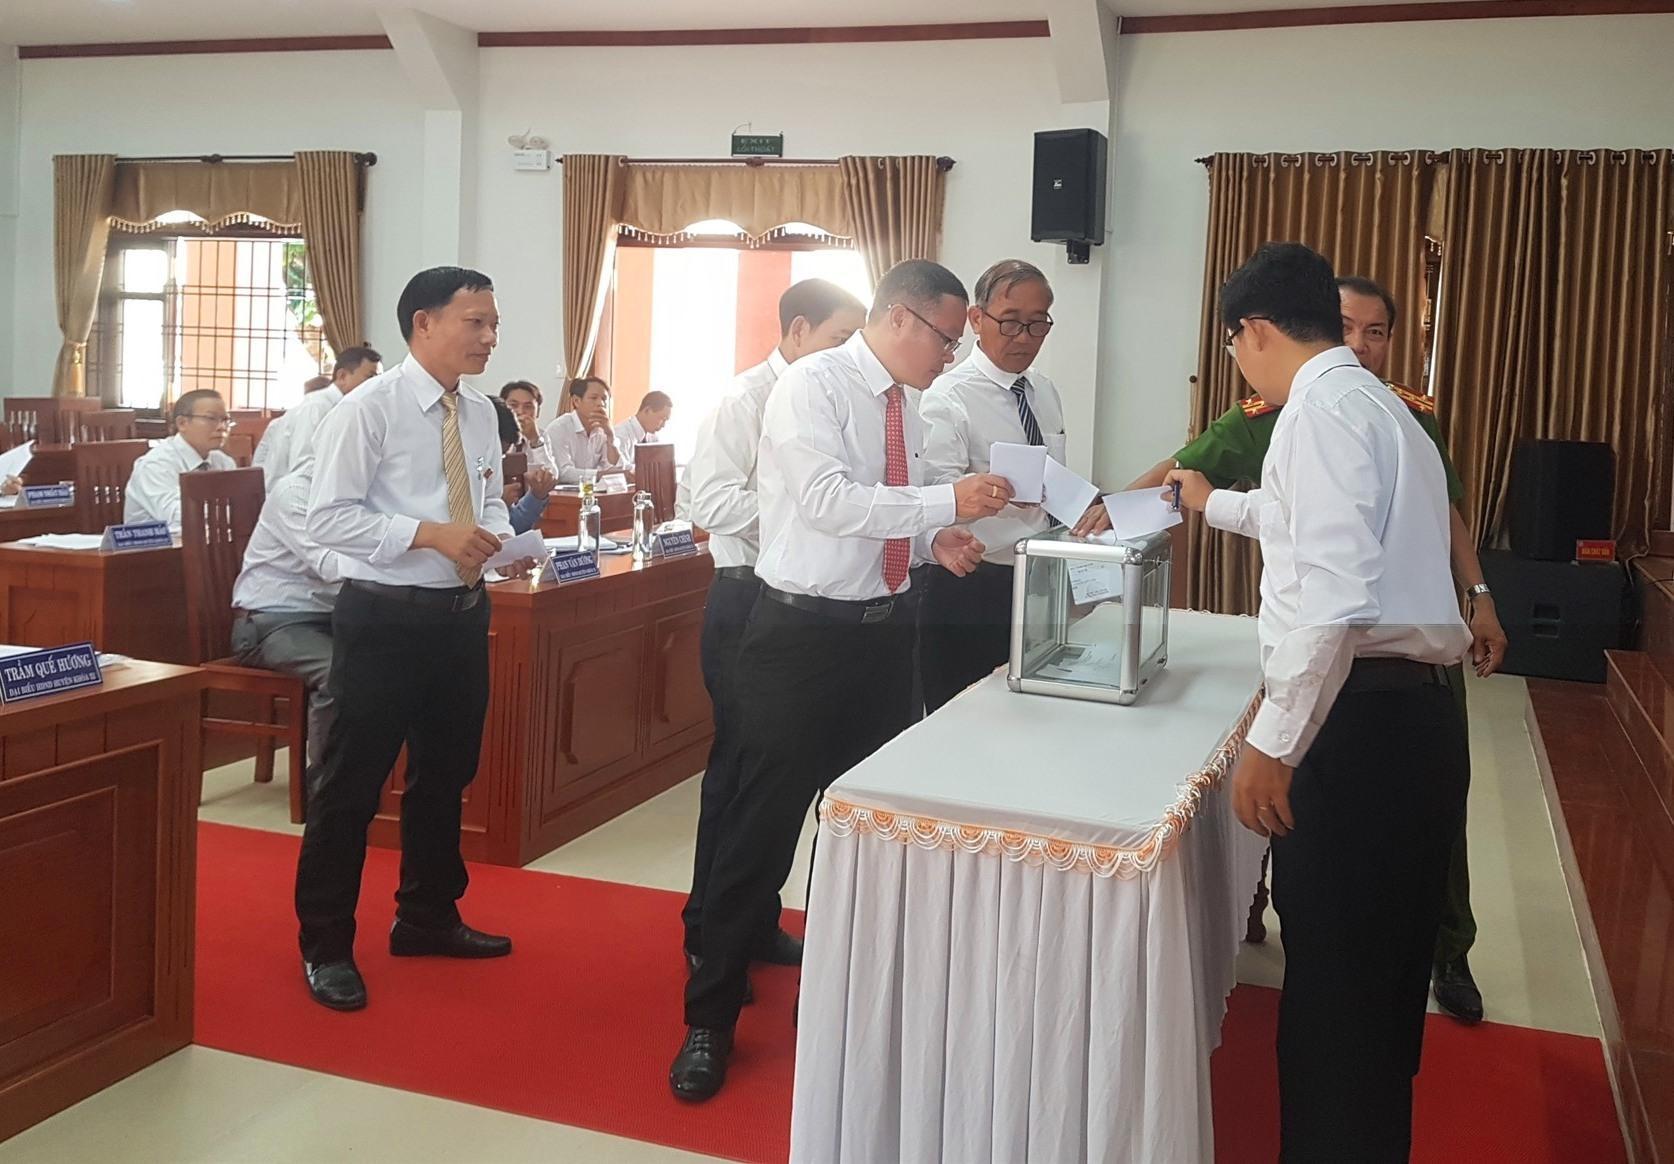 Đại biểu HĐND huyện Tiên Phước bỏ phiếu bầu các chức danh UBND huyện nhiệm kỳ 2020 - 2025. Ảnh: D.L